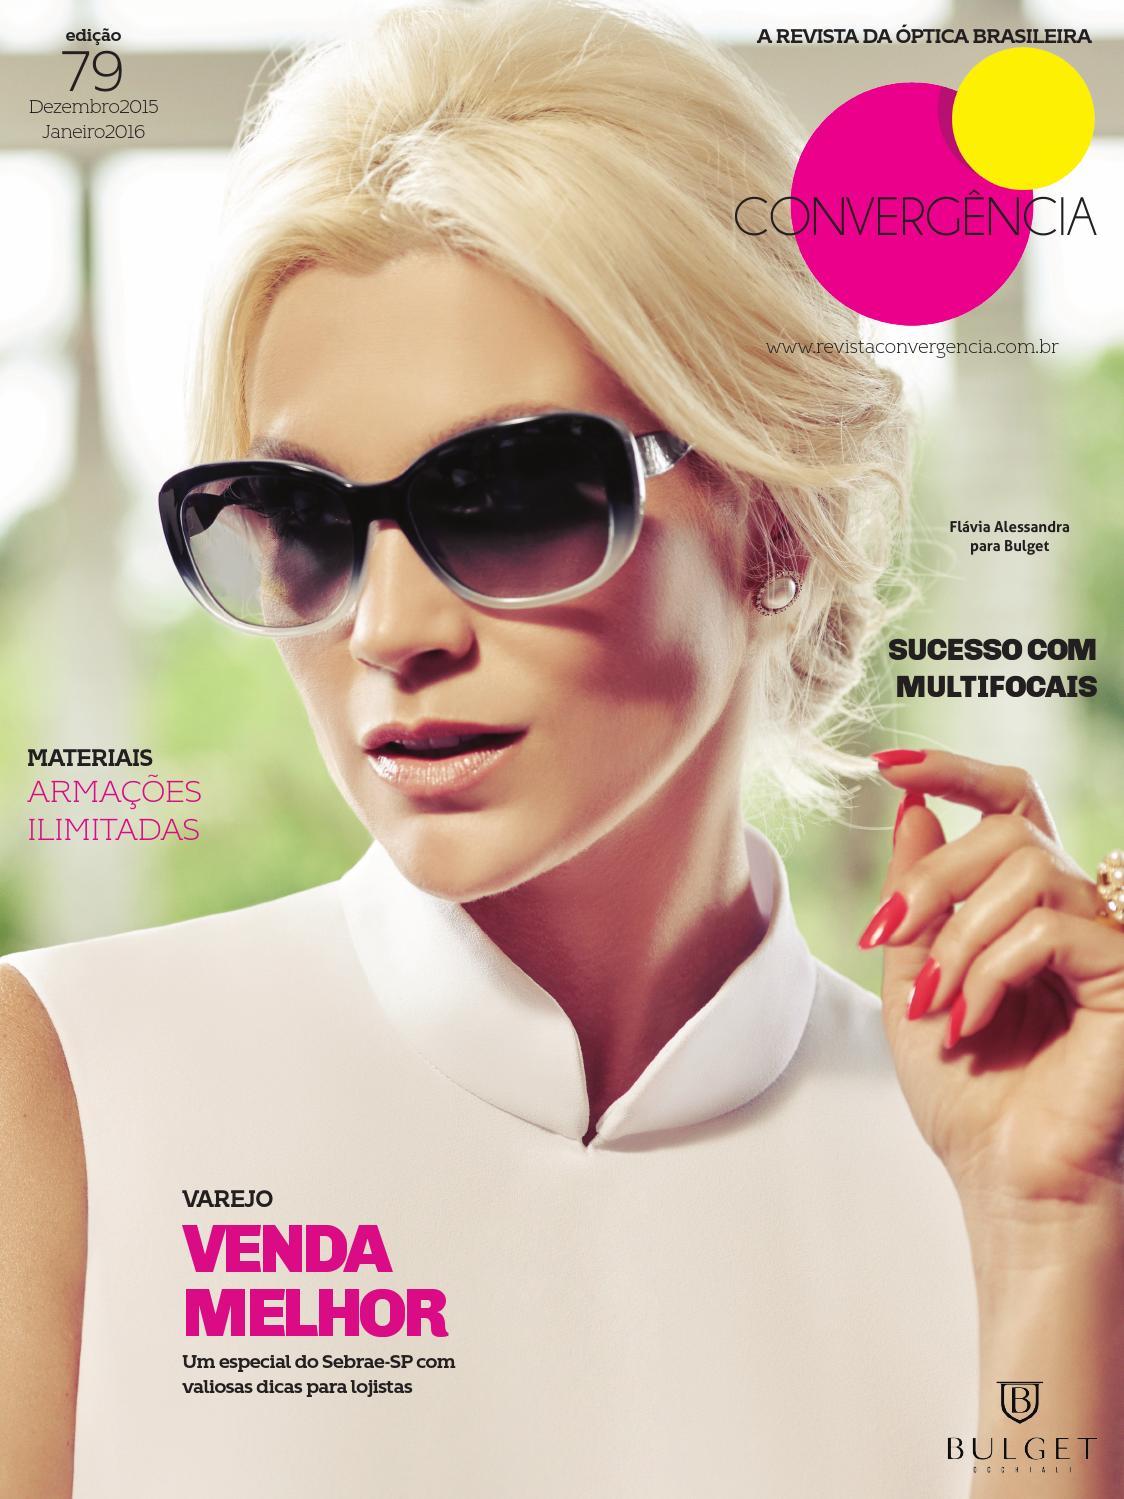 Revista Convergência by Revista Convergência - issuu 891e06df16